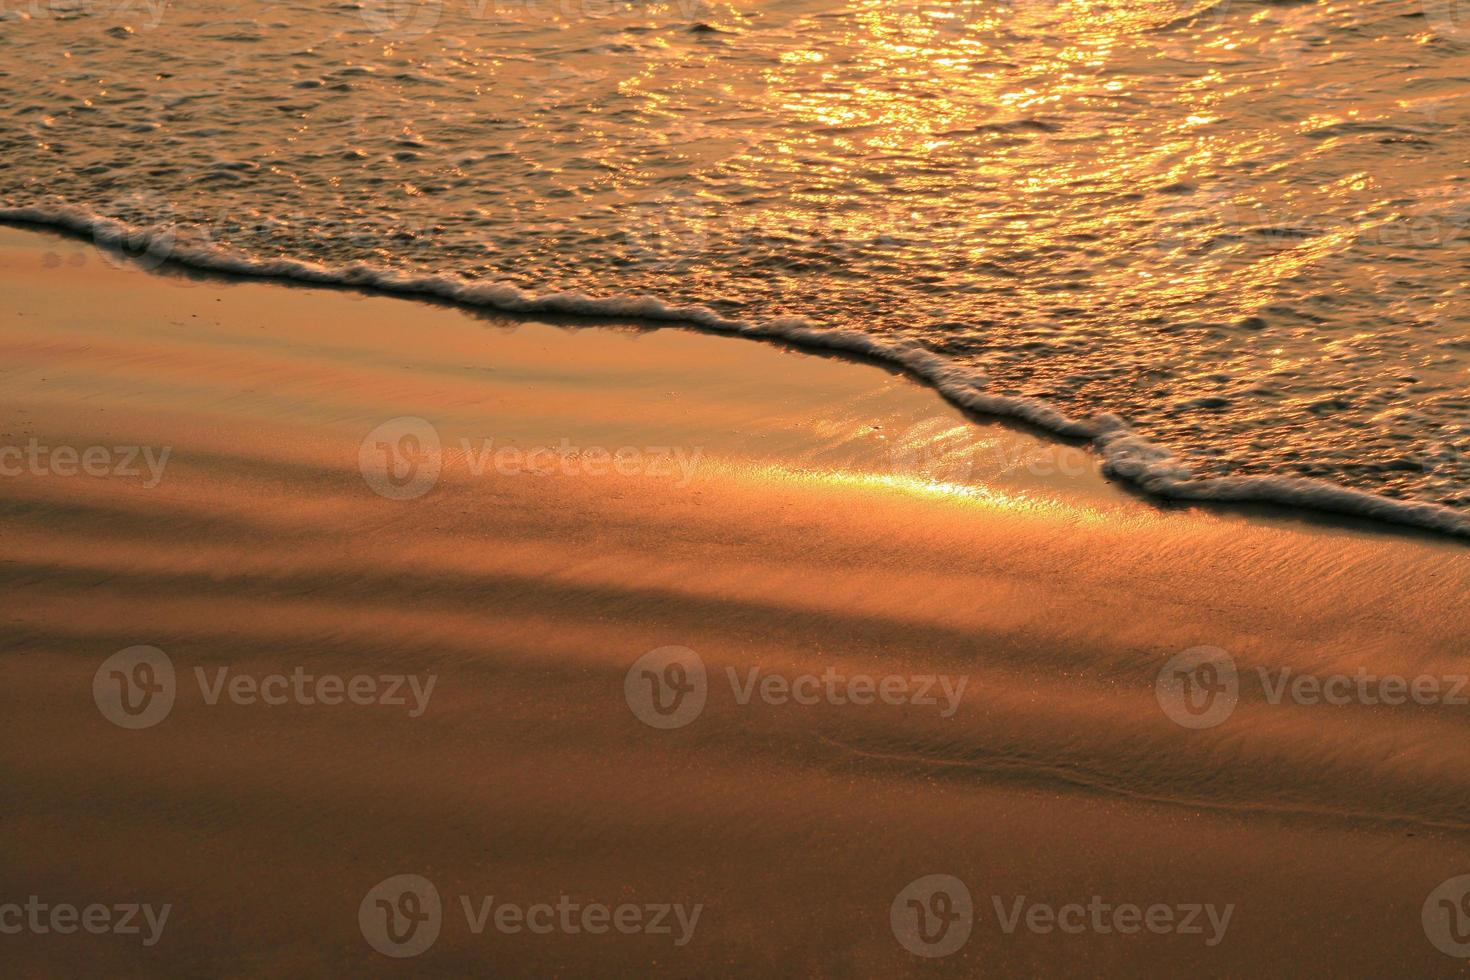 Manow beach Prachuap Khiri Khan province , Thailand. photo